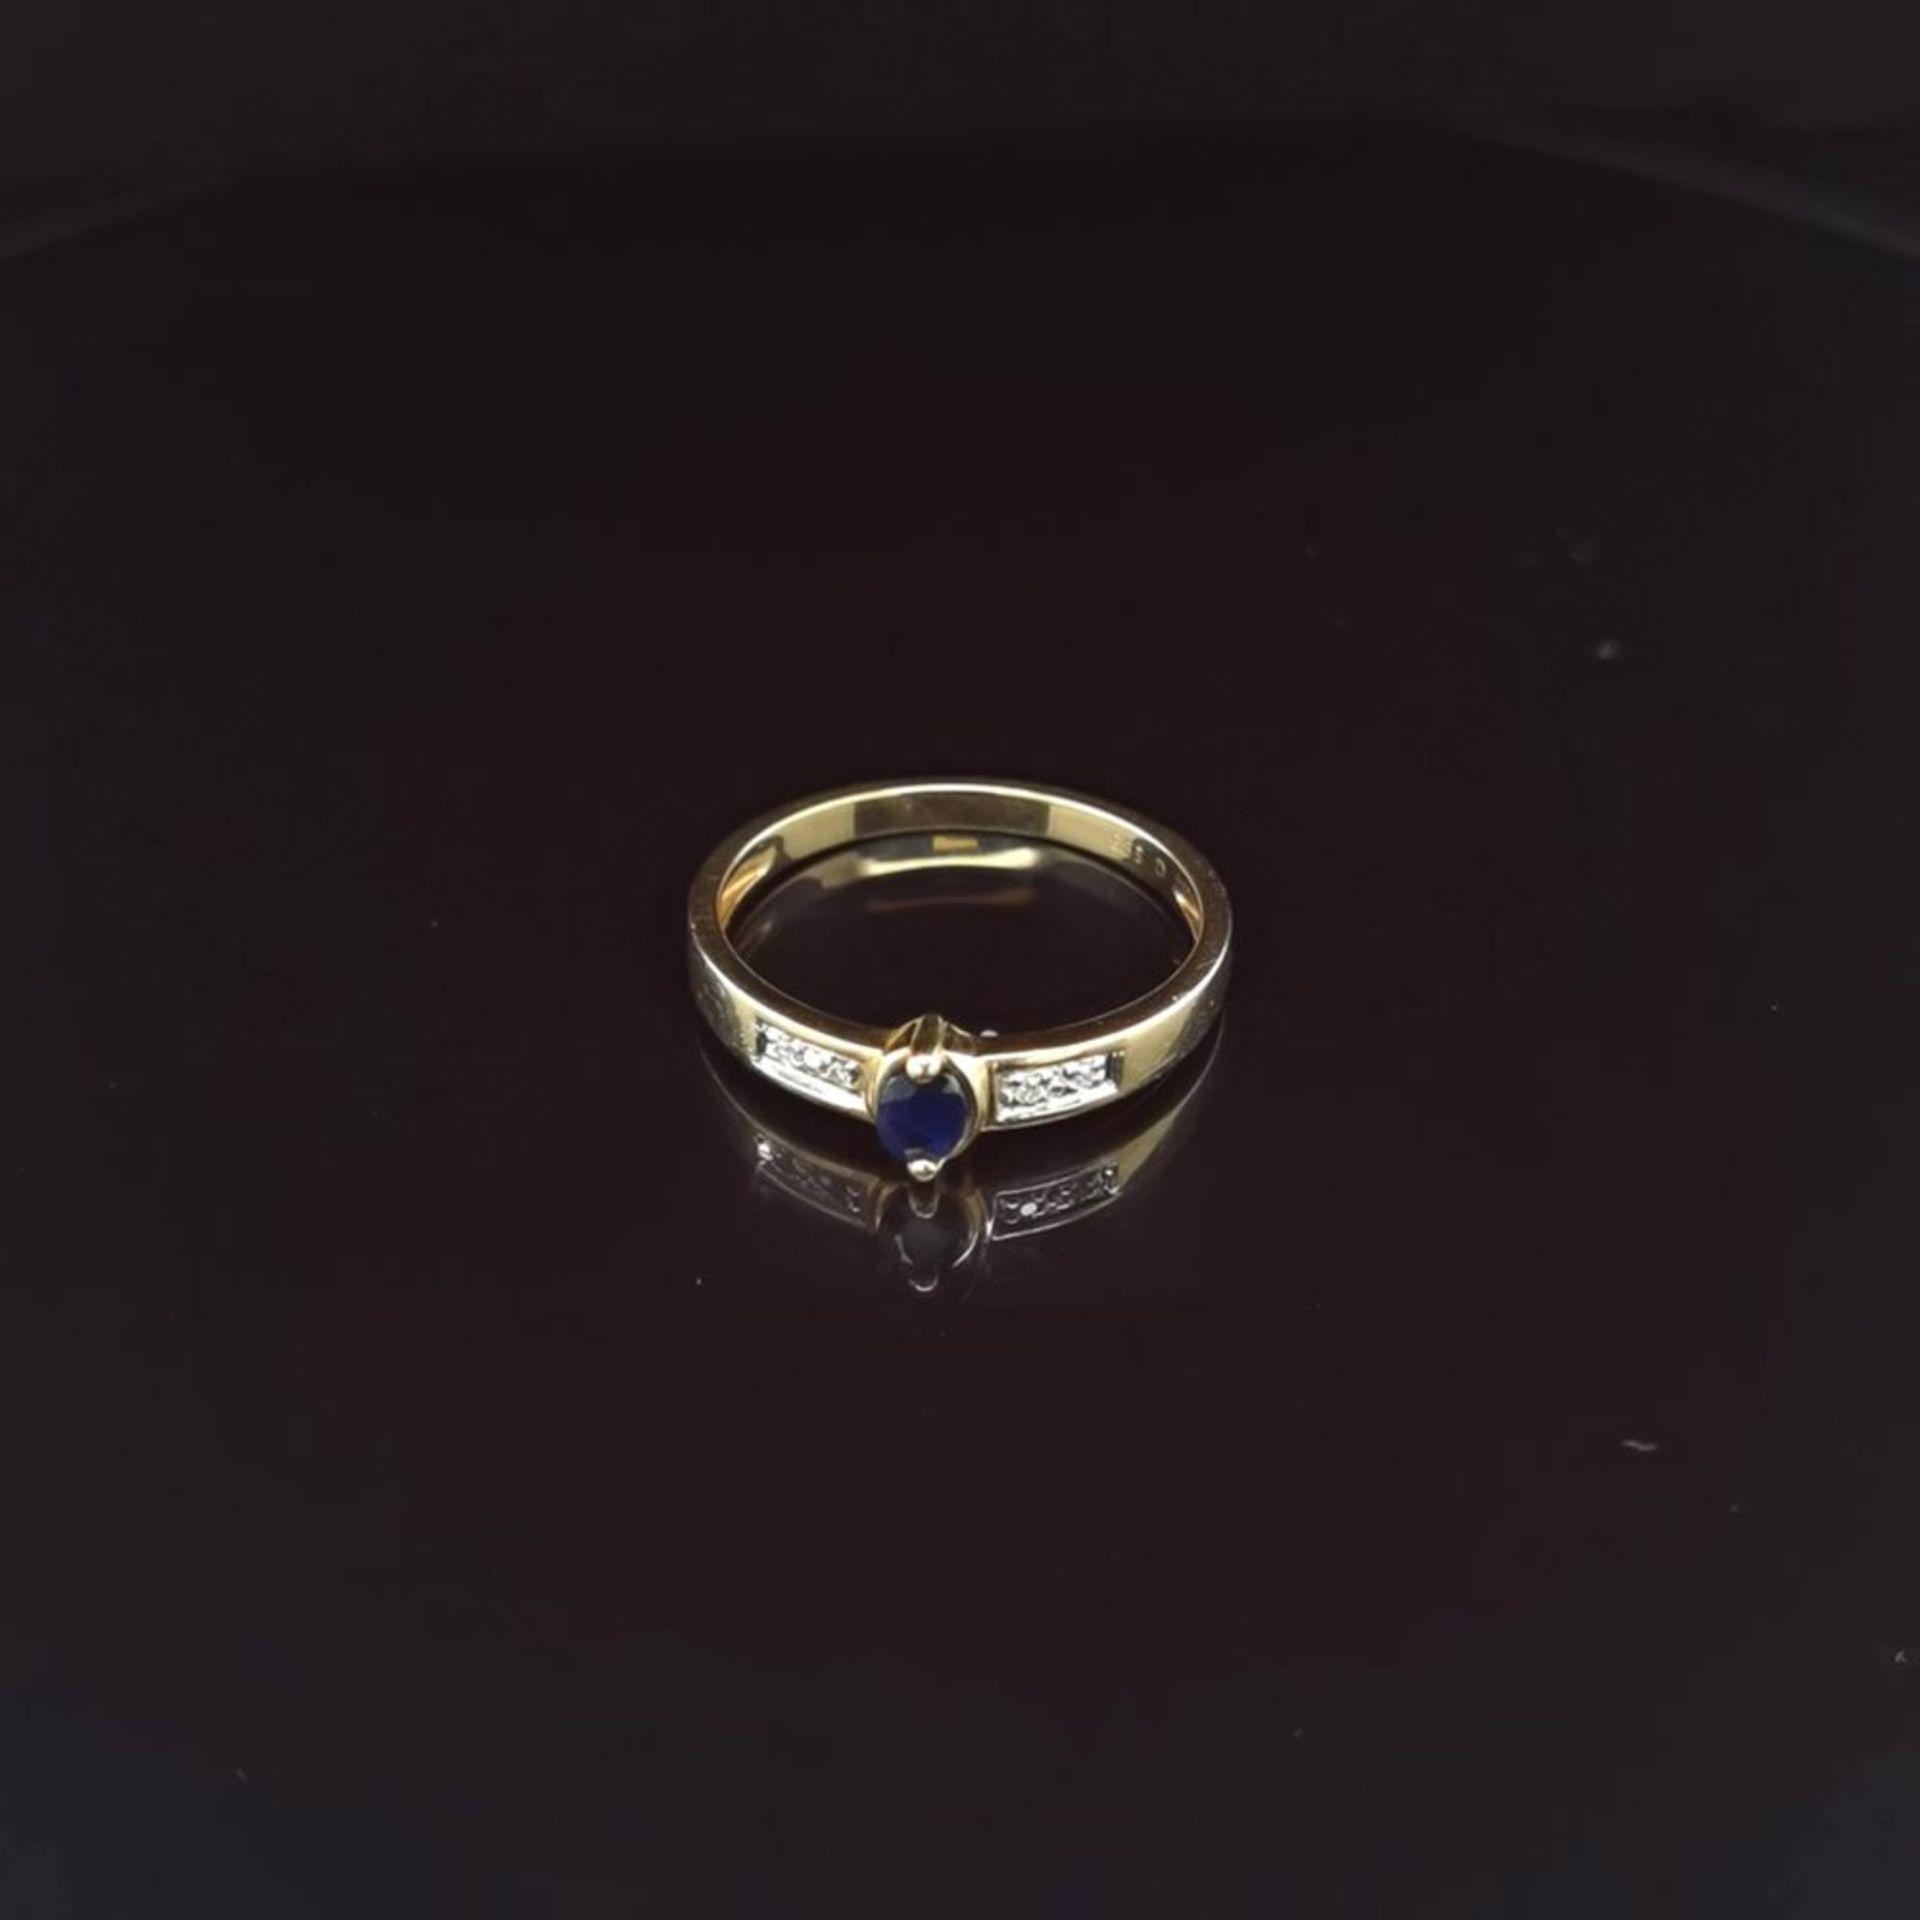 Saphir-Diamant-Ring, 585 Gelbgold 2,1